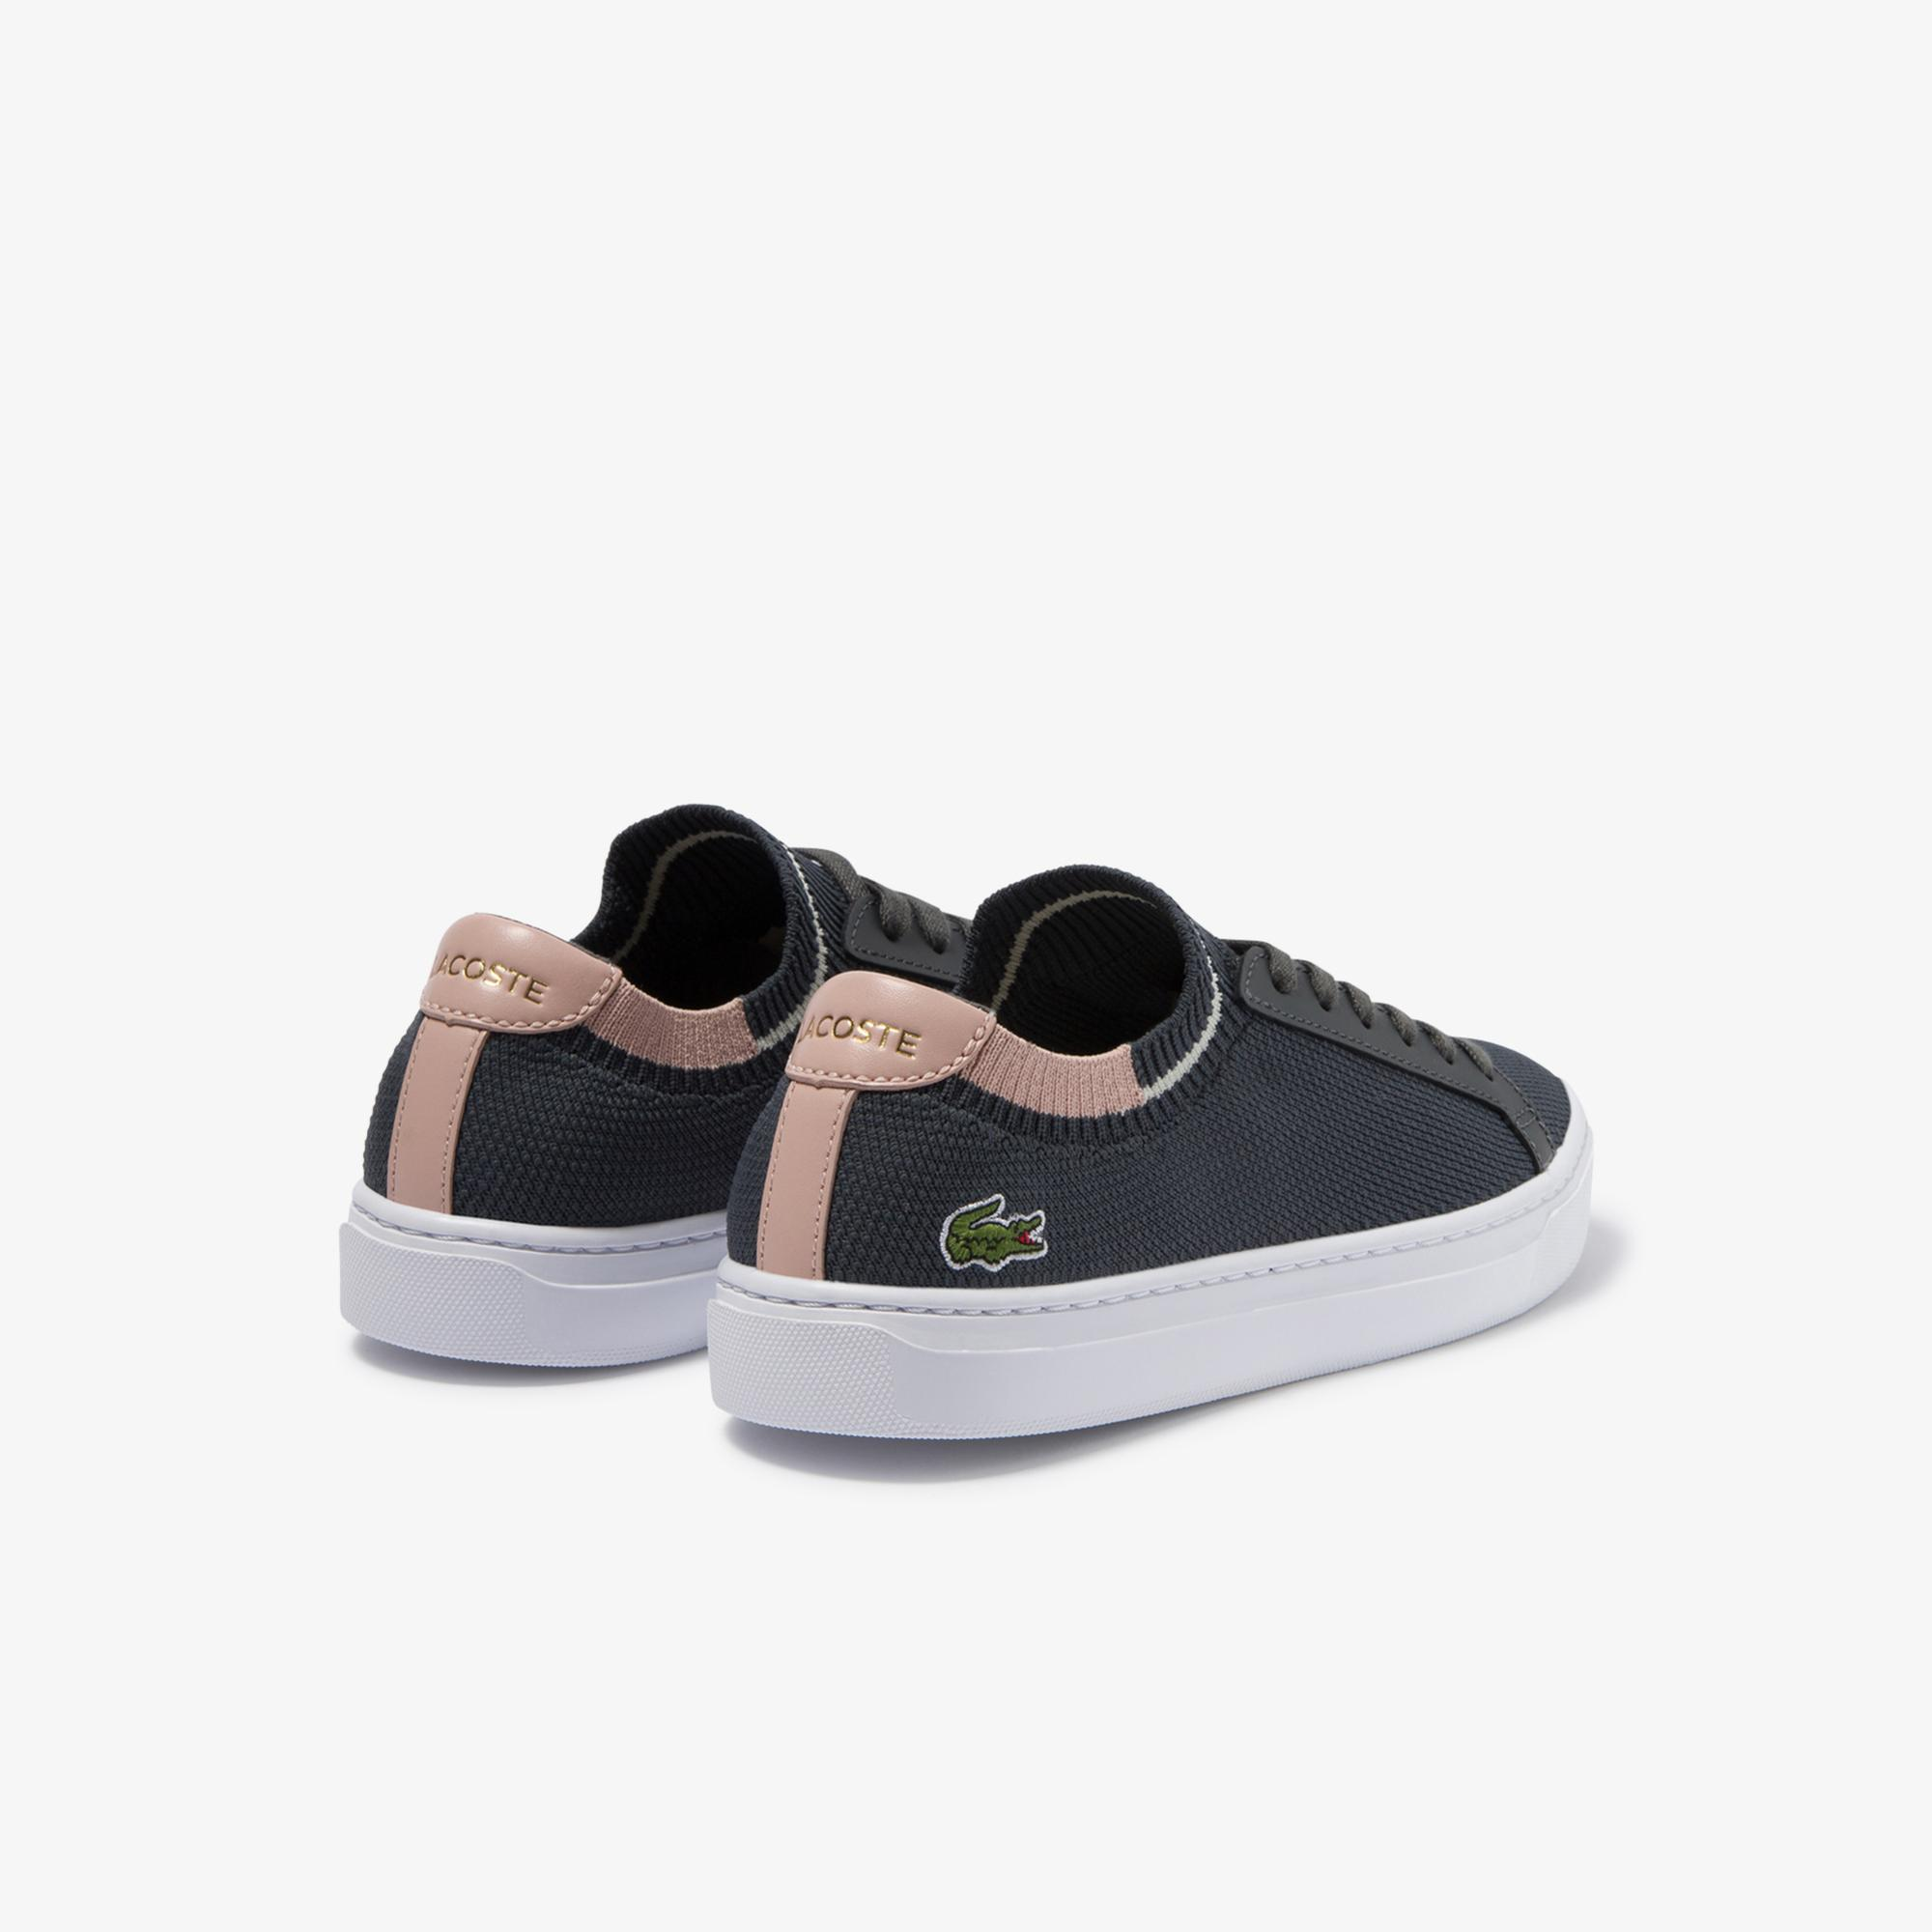 Lacoste кросівки жіночі La Piquée